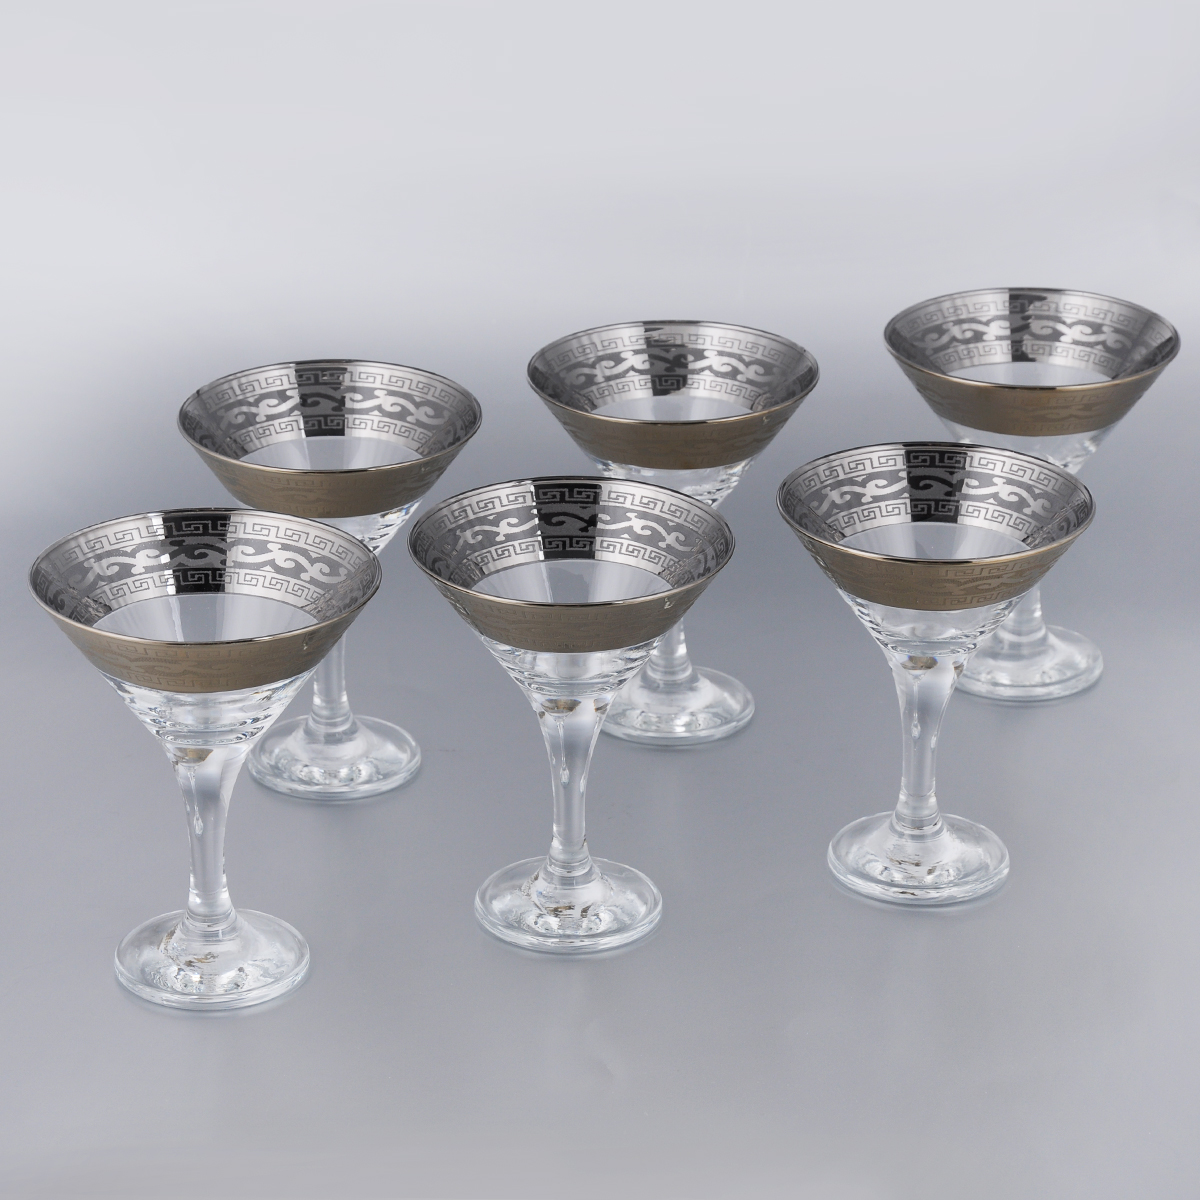 Набор бокалов для мартини Гусь-Хрустальный Версаче, 170 мл, 6 шт440146BНабор Гусь-Хрустальный Версаче состоит из 6 бокалов на длинных ножках, изготовленных из высококачественного натрий-кальций-силикатного стекла. Изделия оформлены оригинальной окантовкой и предназначены для подачи мартини. Такой набор прекрасно дополнит праздничный стол и станет желанным подарком в любом доме. Разрешается мыть в посудомоечной машине. Диаметр бокала (по верхнему краю): 10,5 см. Высота бокала: 13,5 см. Диаметр основания бокала: 6,3 см.